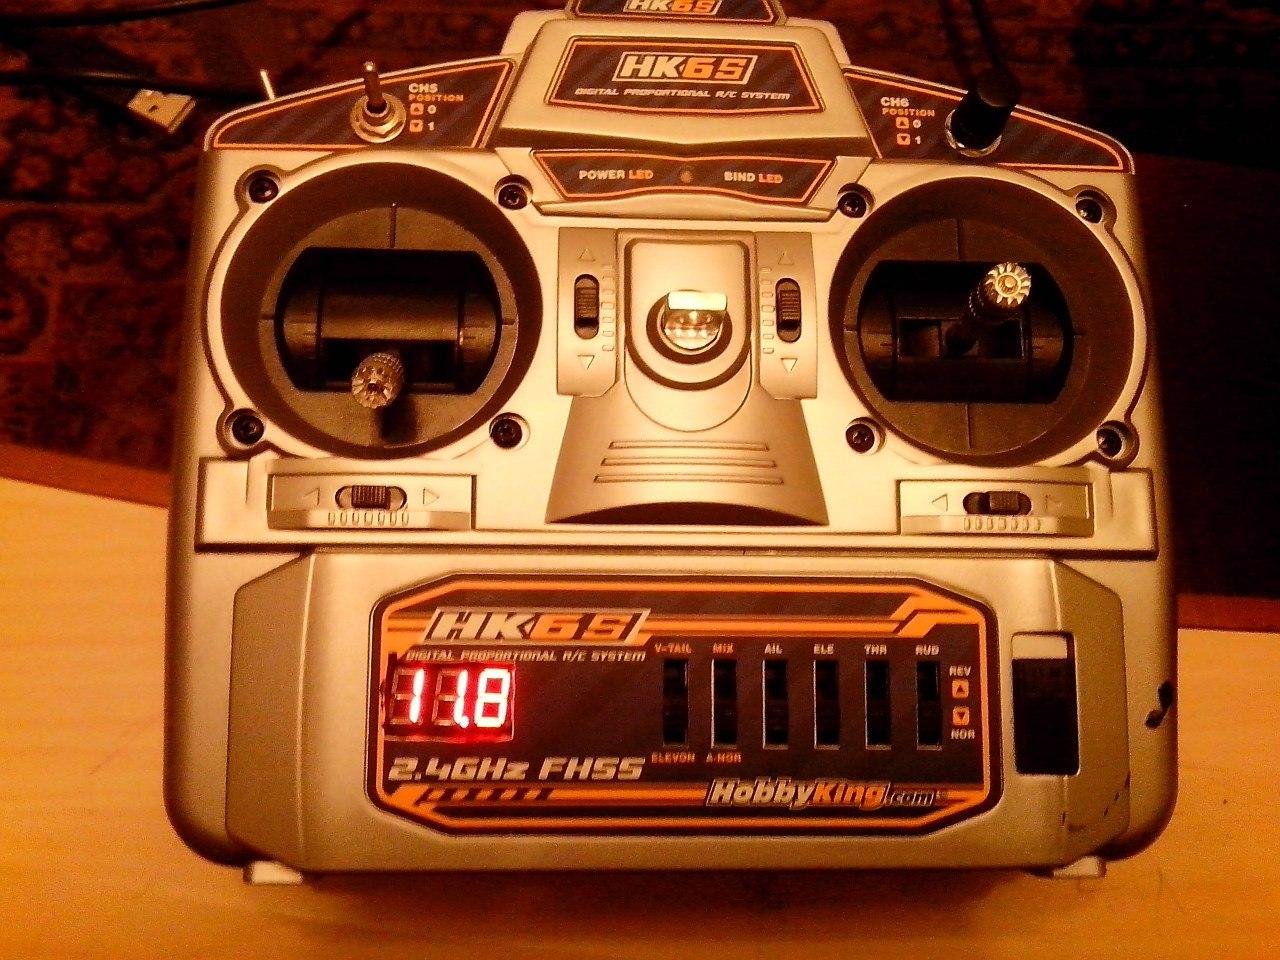 MeR76DhfzAc.jpg